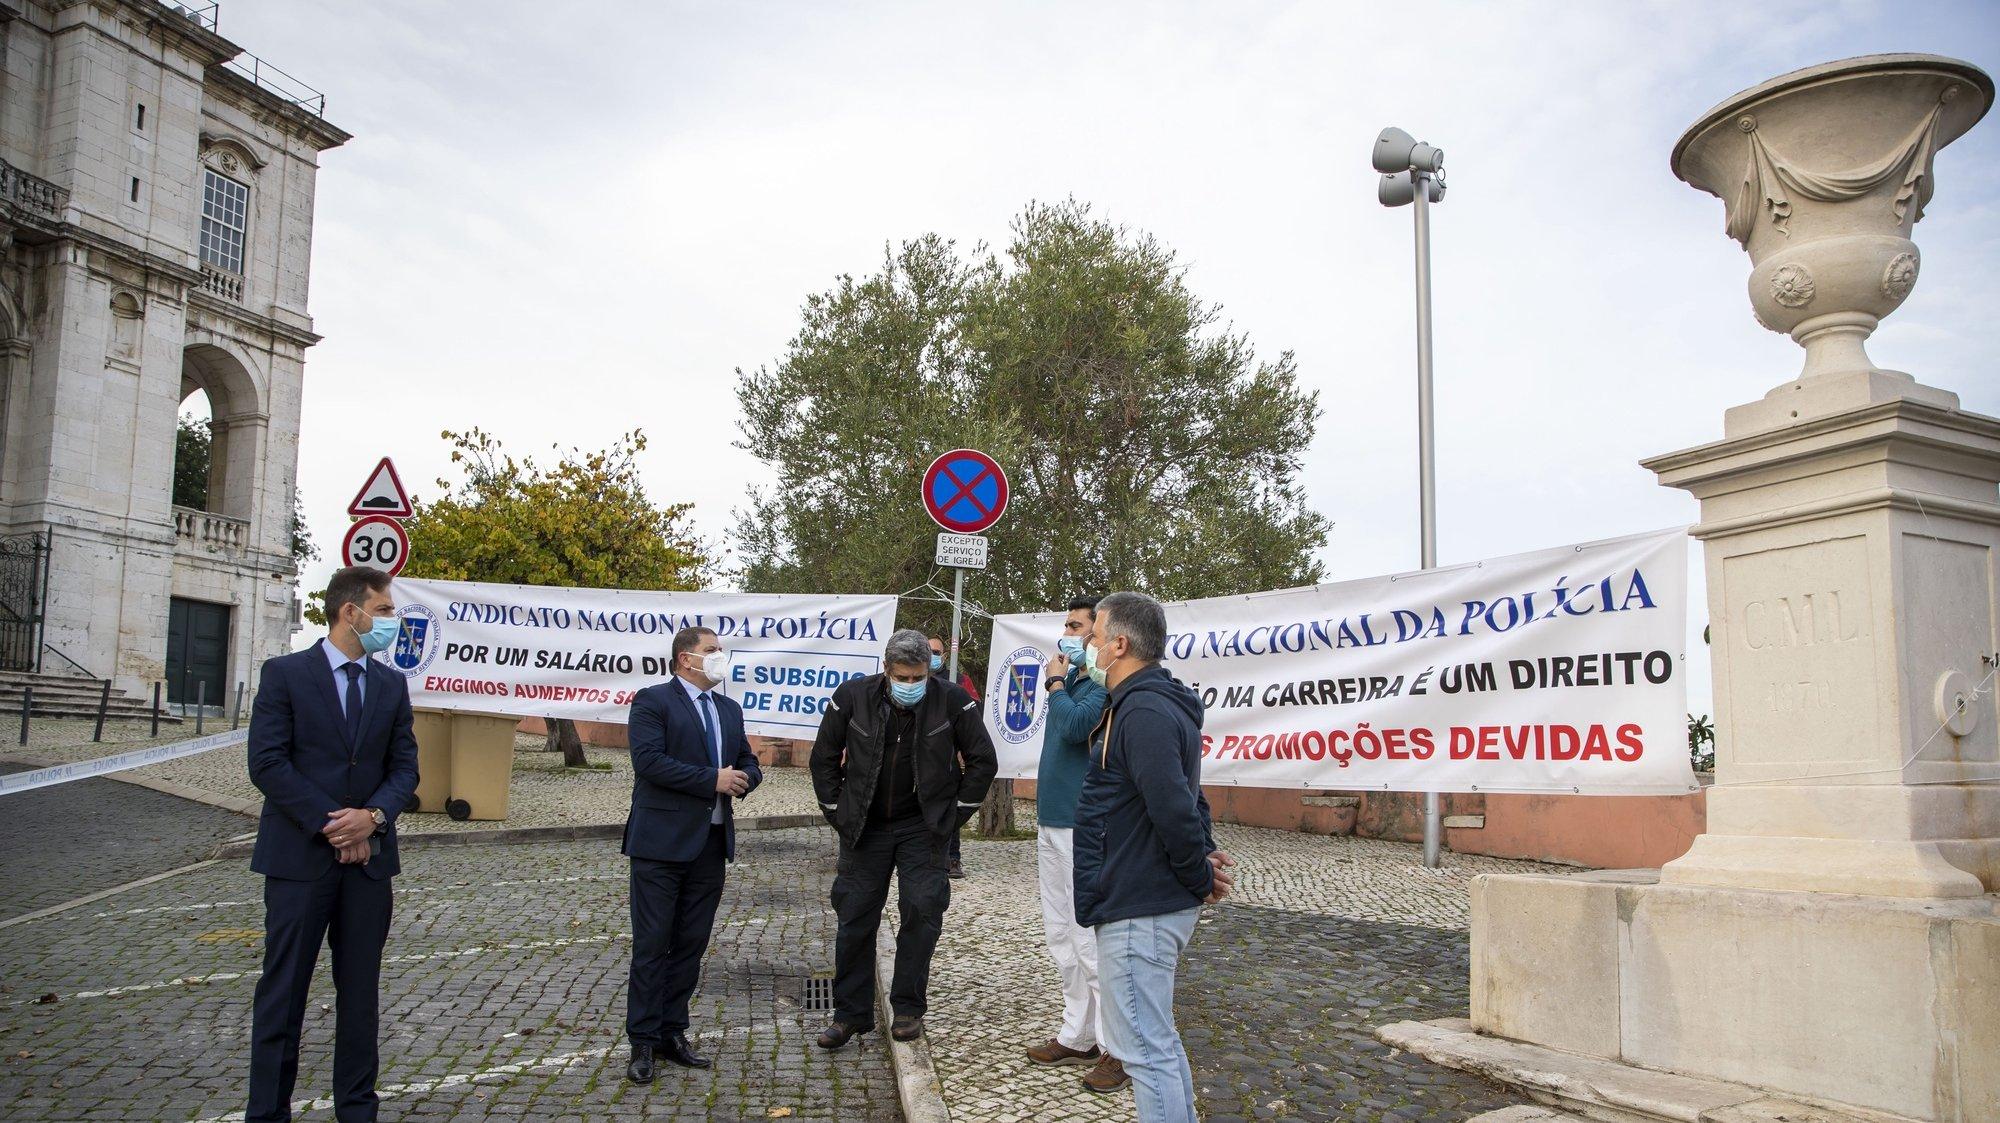 O presidente do Sindicato Nacional de Polícia (Sinapol), Armando Ferreira (2E), durante uma ação de protesto pela não resposta da tutela ao procedimento concursal de promoção ao posto hierárquico de agente principal, em frente da Direção Nacional da Polícia de Segurança Pública, em Lisboa, 11 de novembro de 2020. JOSÉ SENA GOULÃO/LUSA